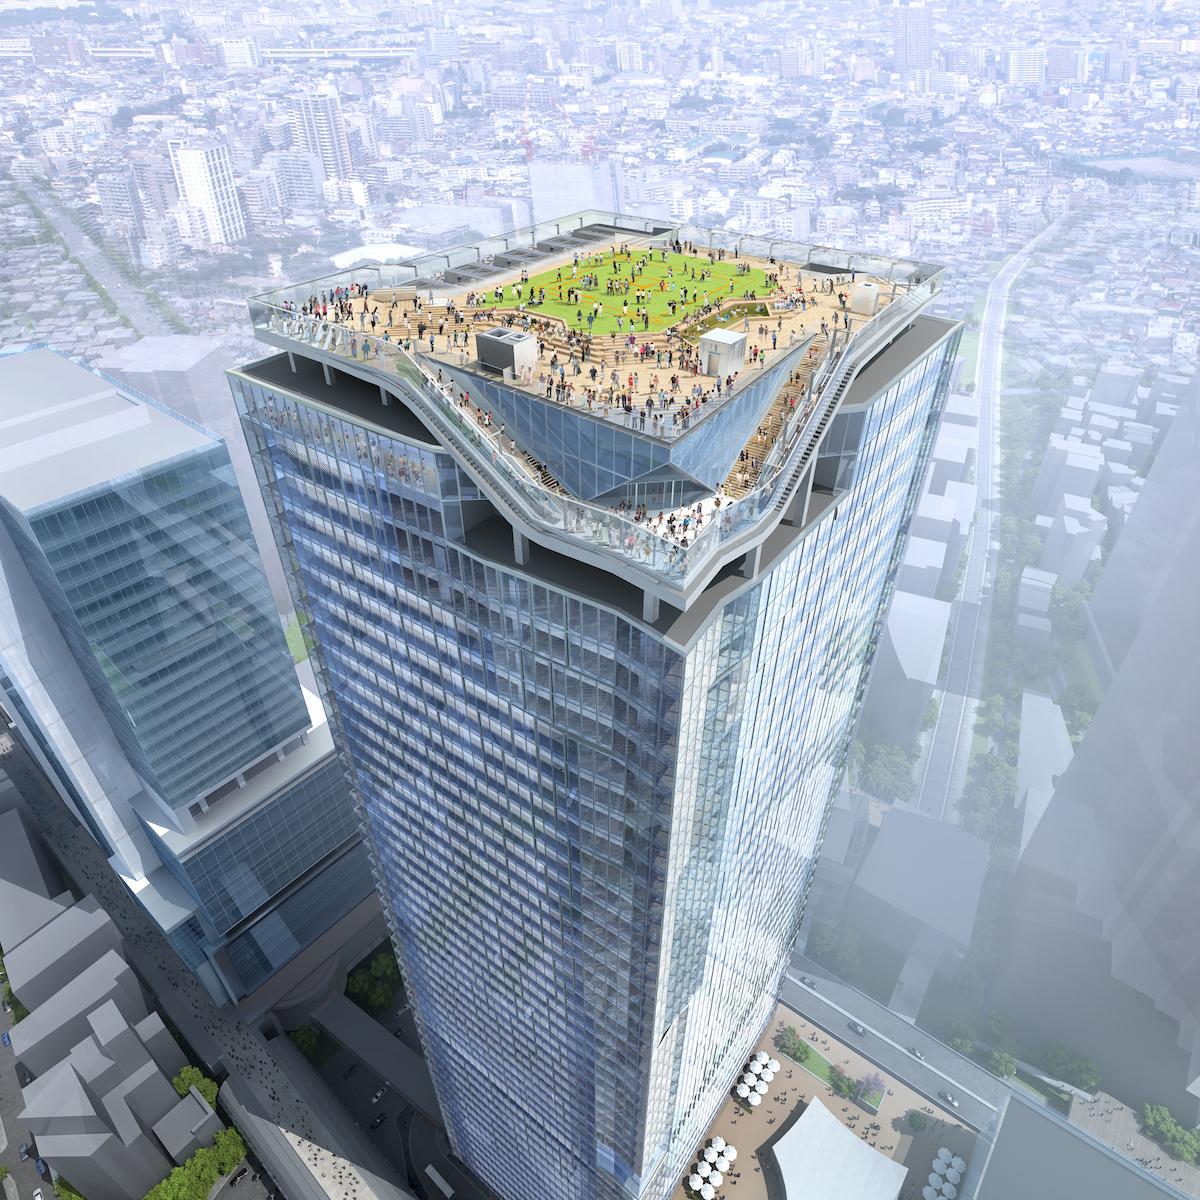 360度パノラマビュー。地上約230mの「渋谷スカイ」から大都会を一望